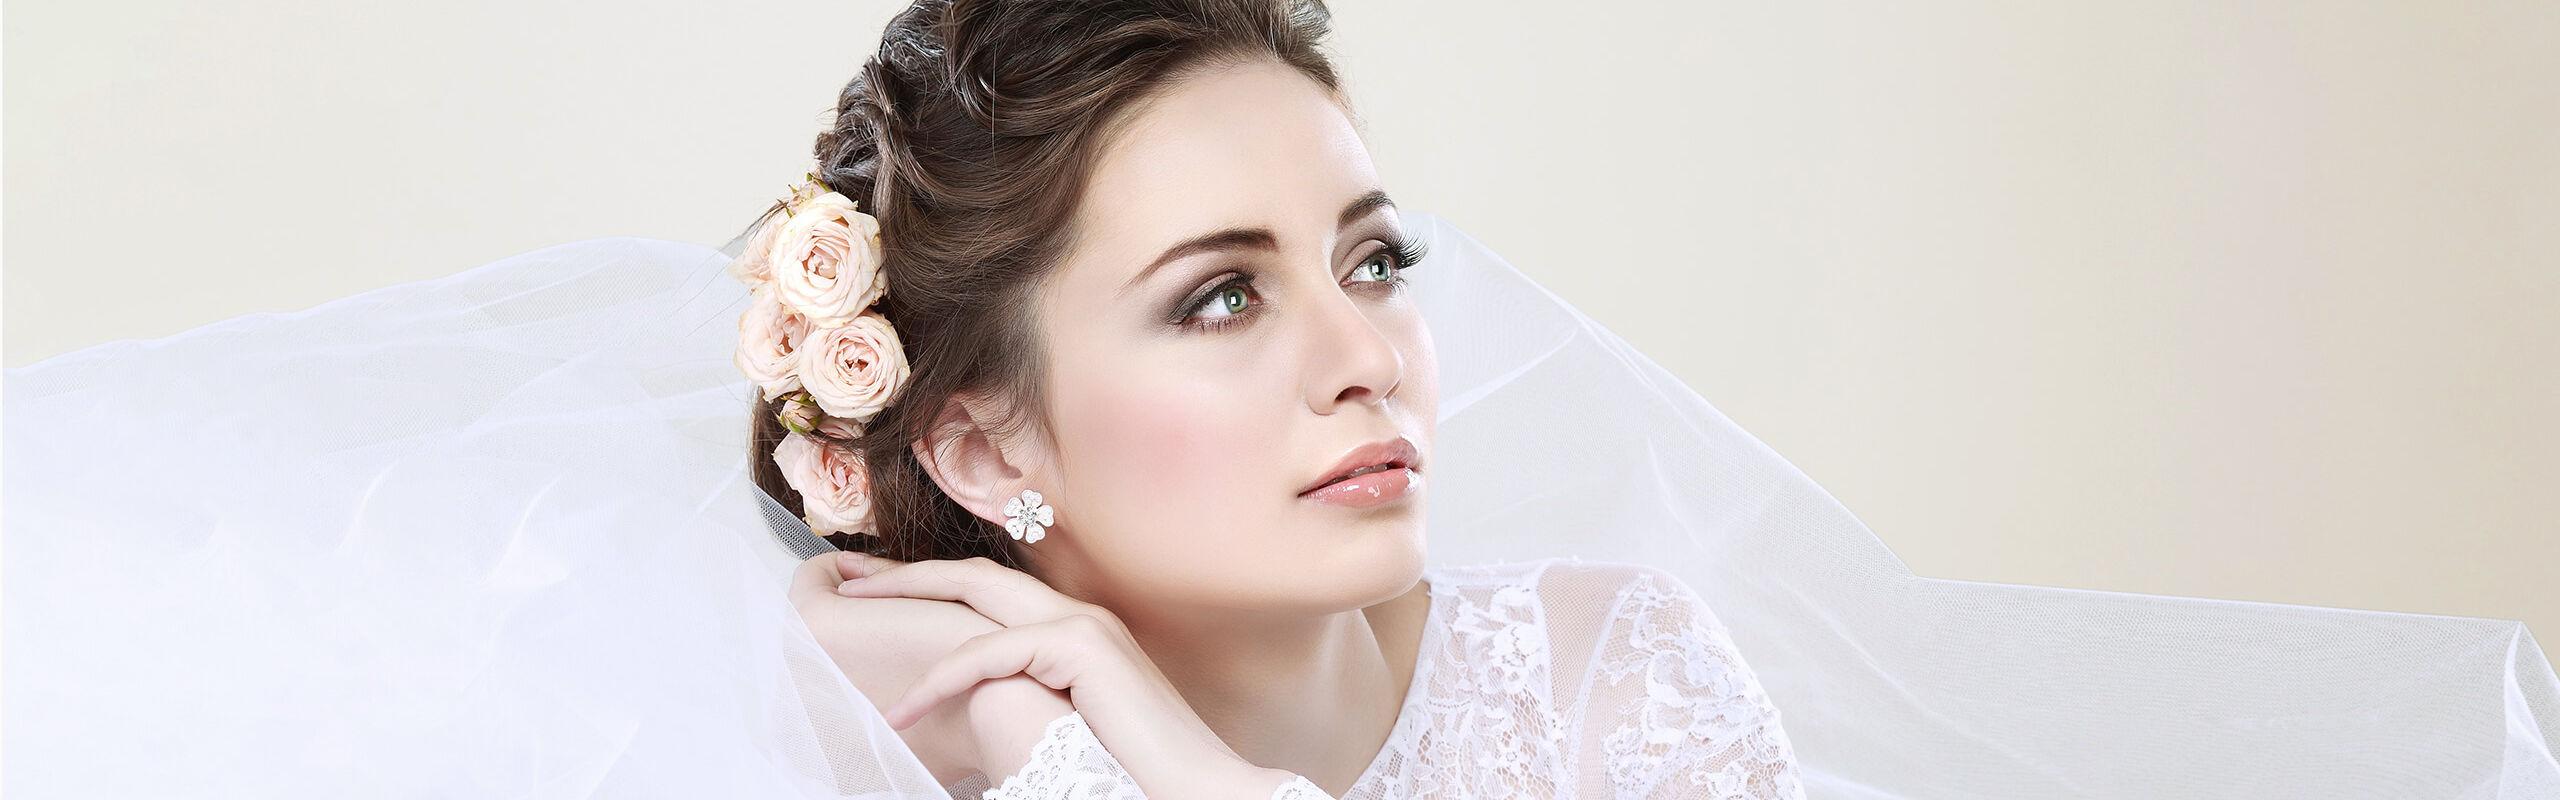 Ein perfektes Braut Make up für Ihren grossen Tag  Caroline